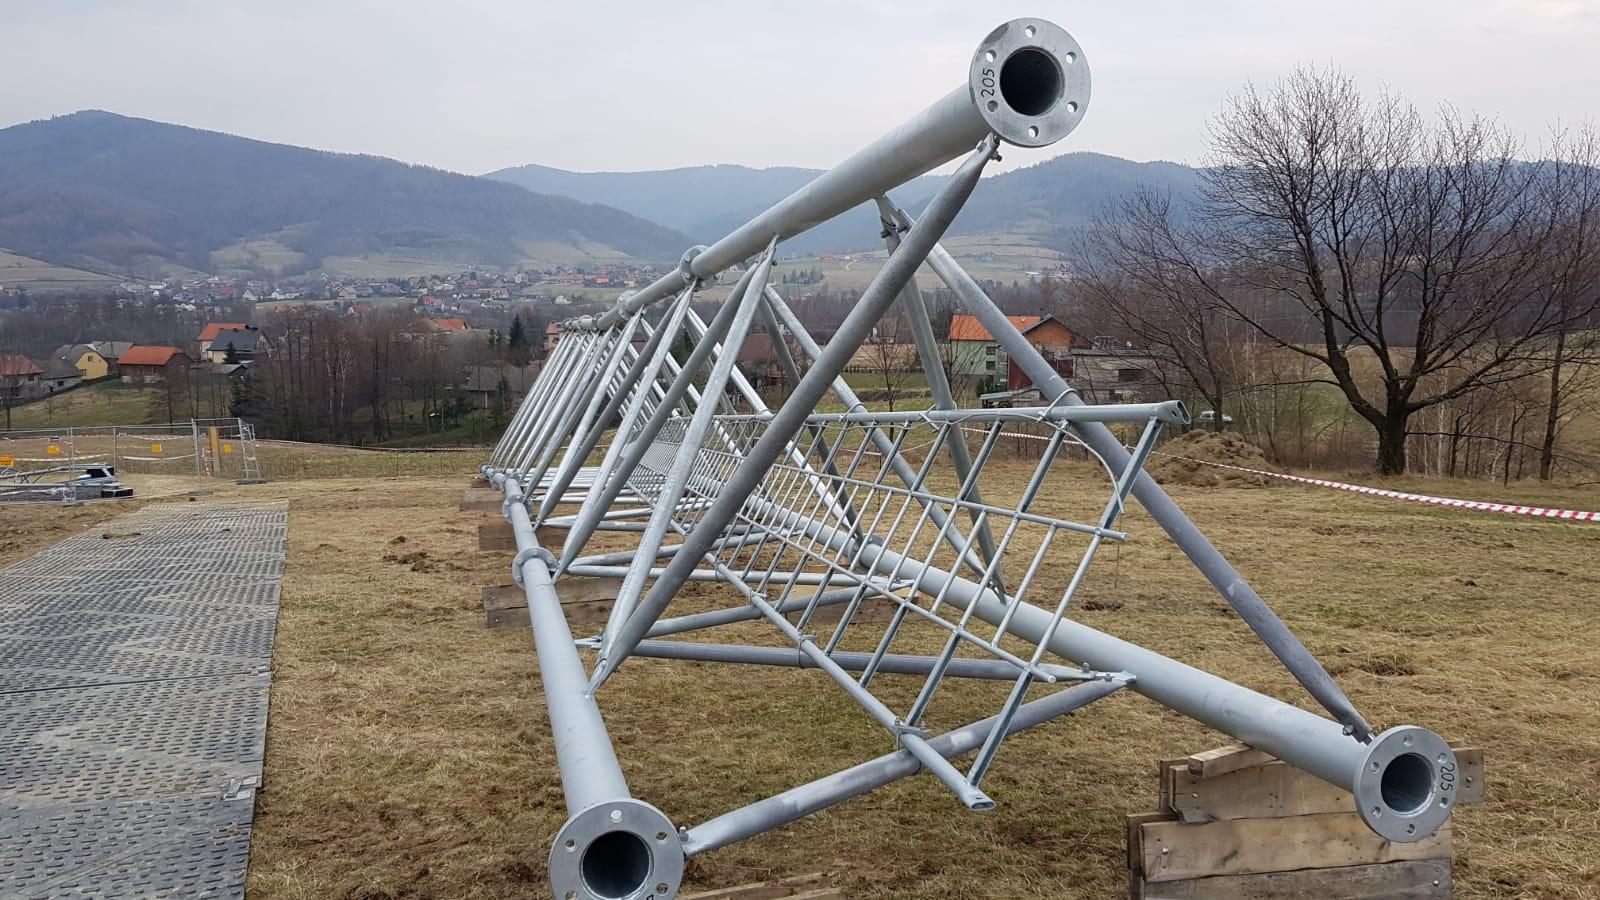 Mimo sprzeciwu mieszkańców ruszyła budowa nowego nadajnika